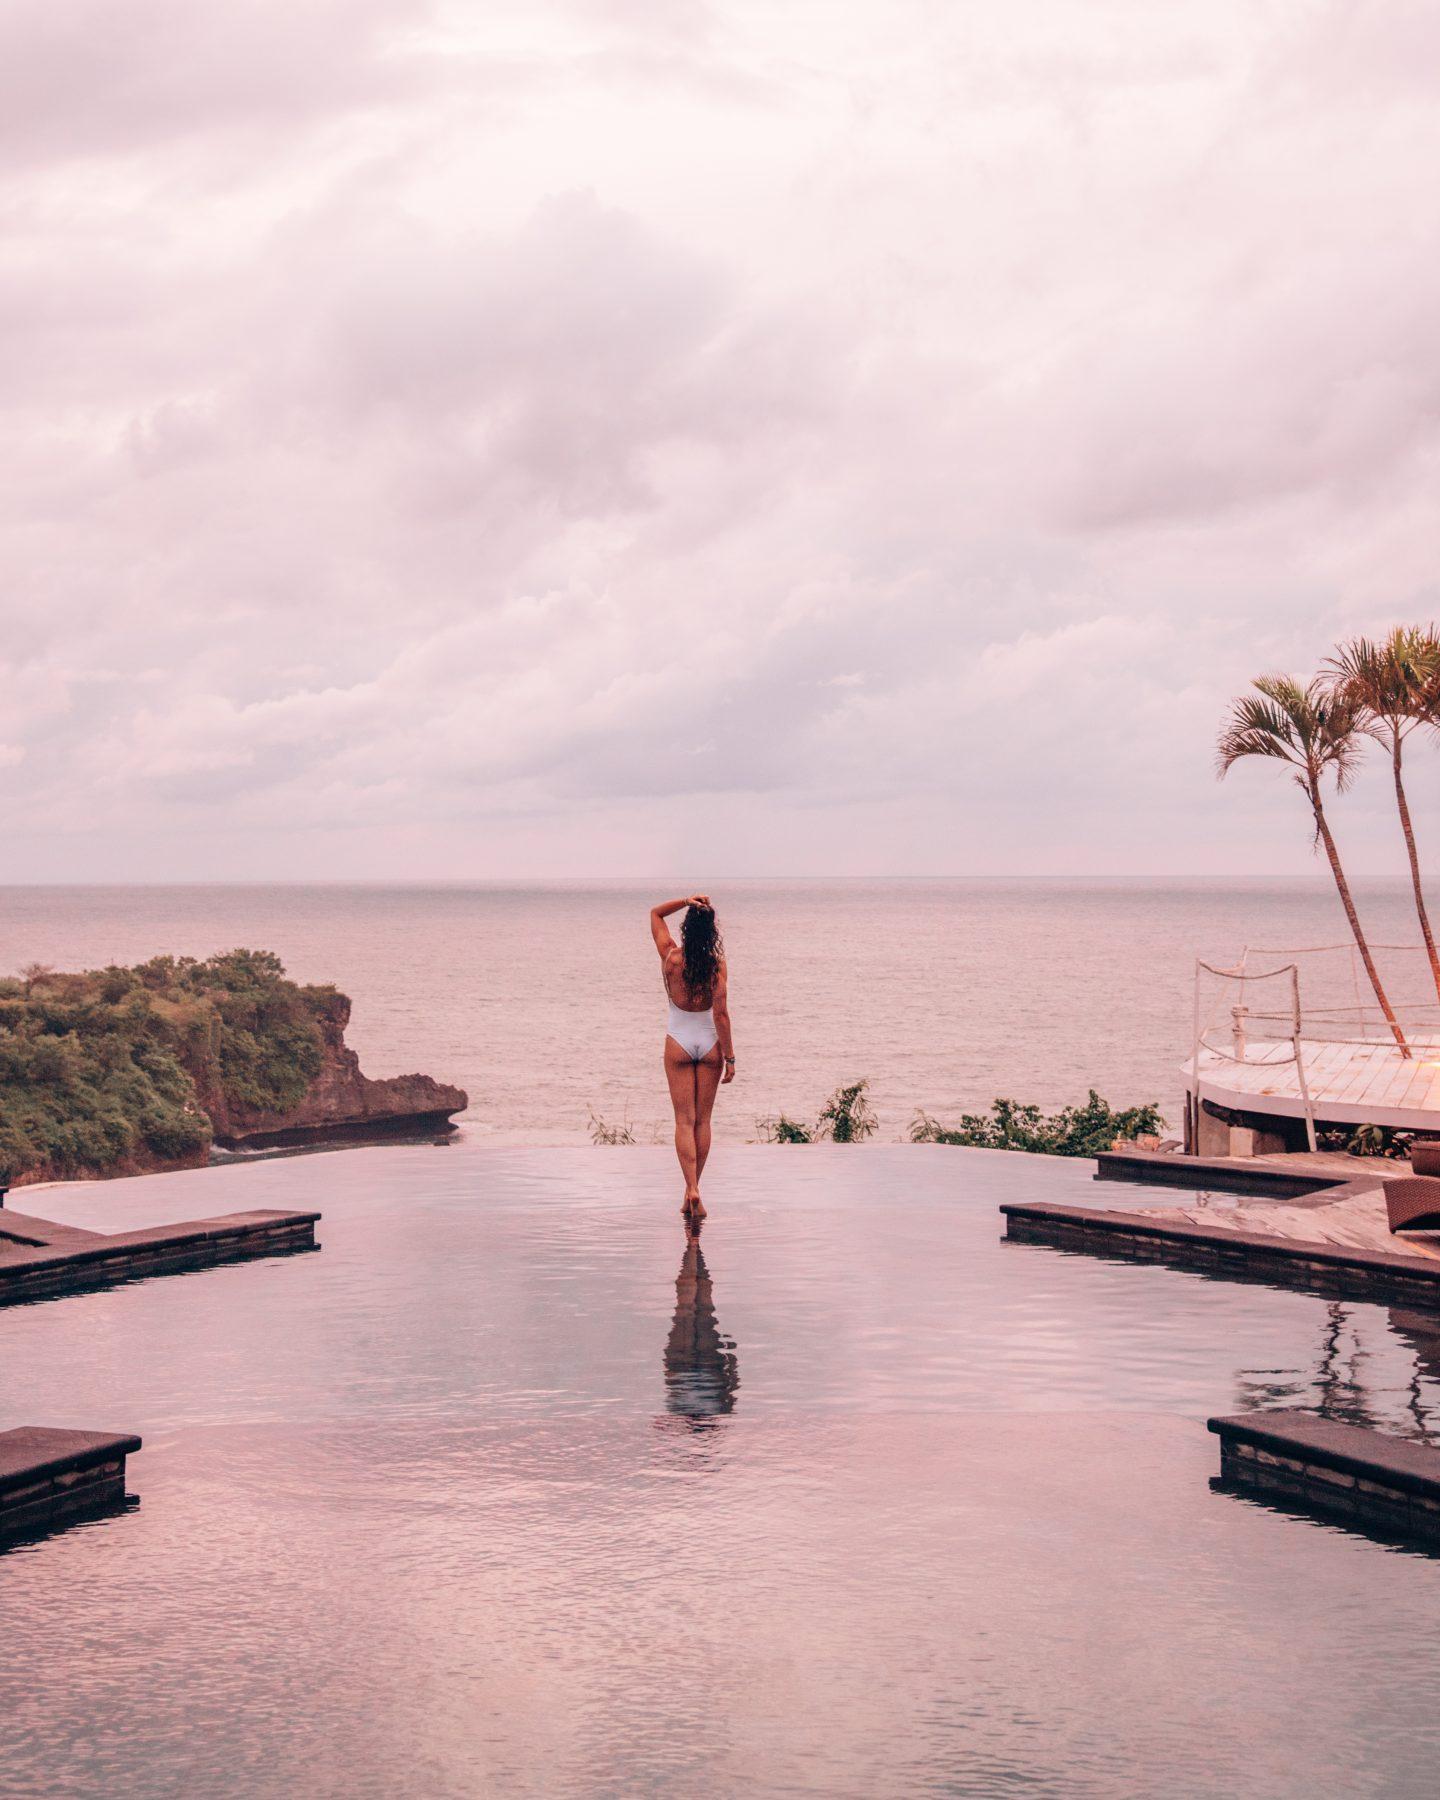 The infinity pool at sunset at La Joya Biu Biu in Uluwatu, Bali